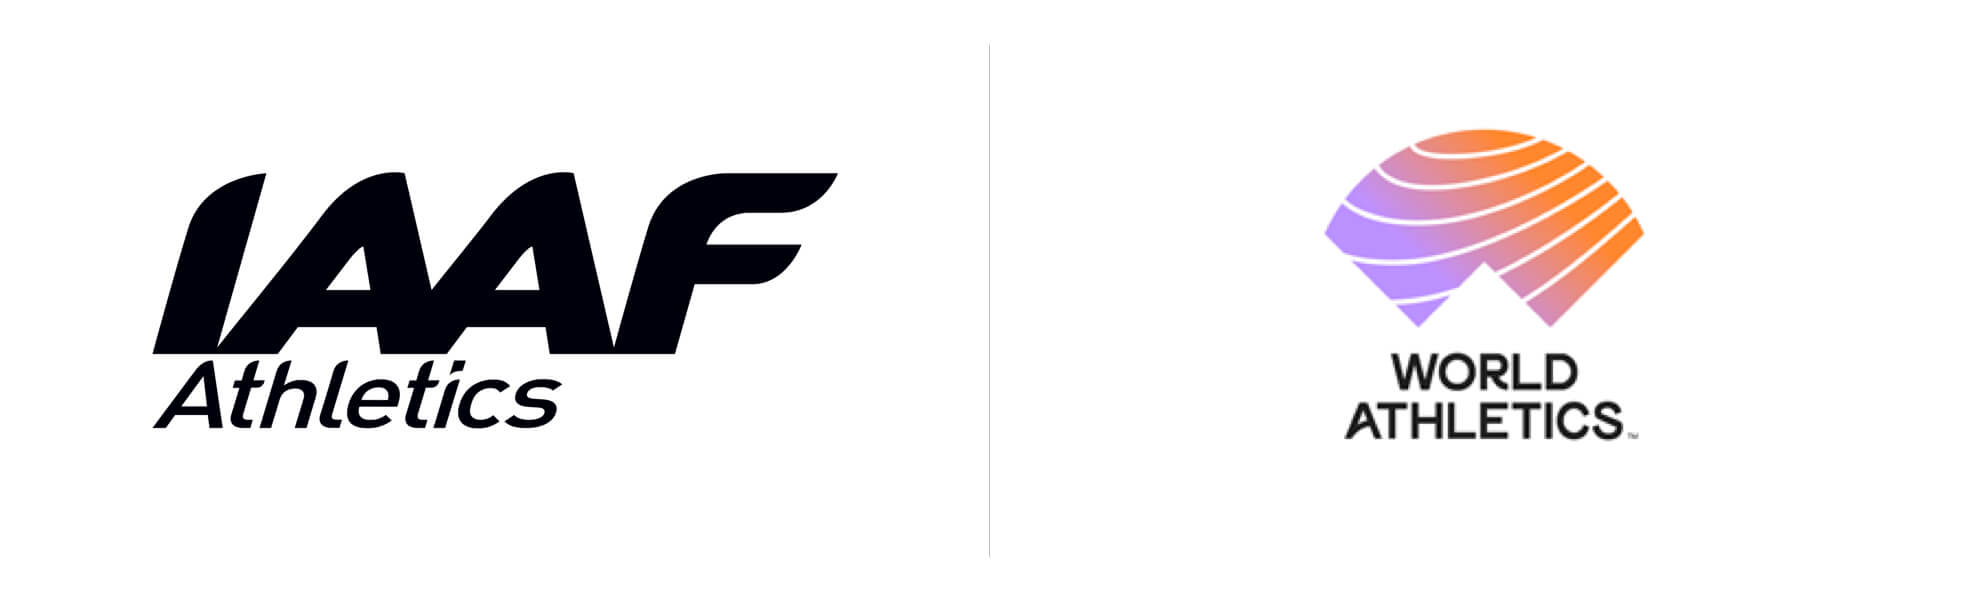 IAAF zmienia nazwę naWorld Athletics